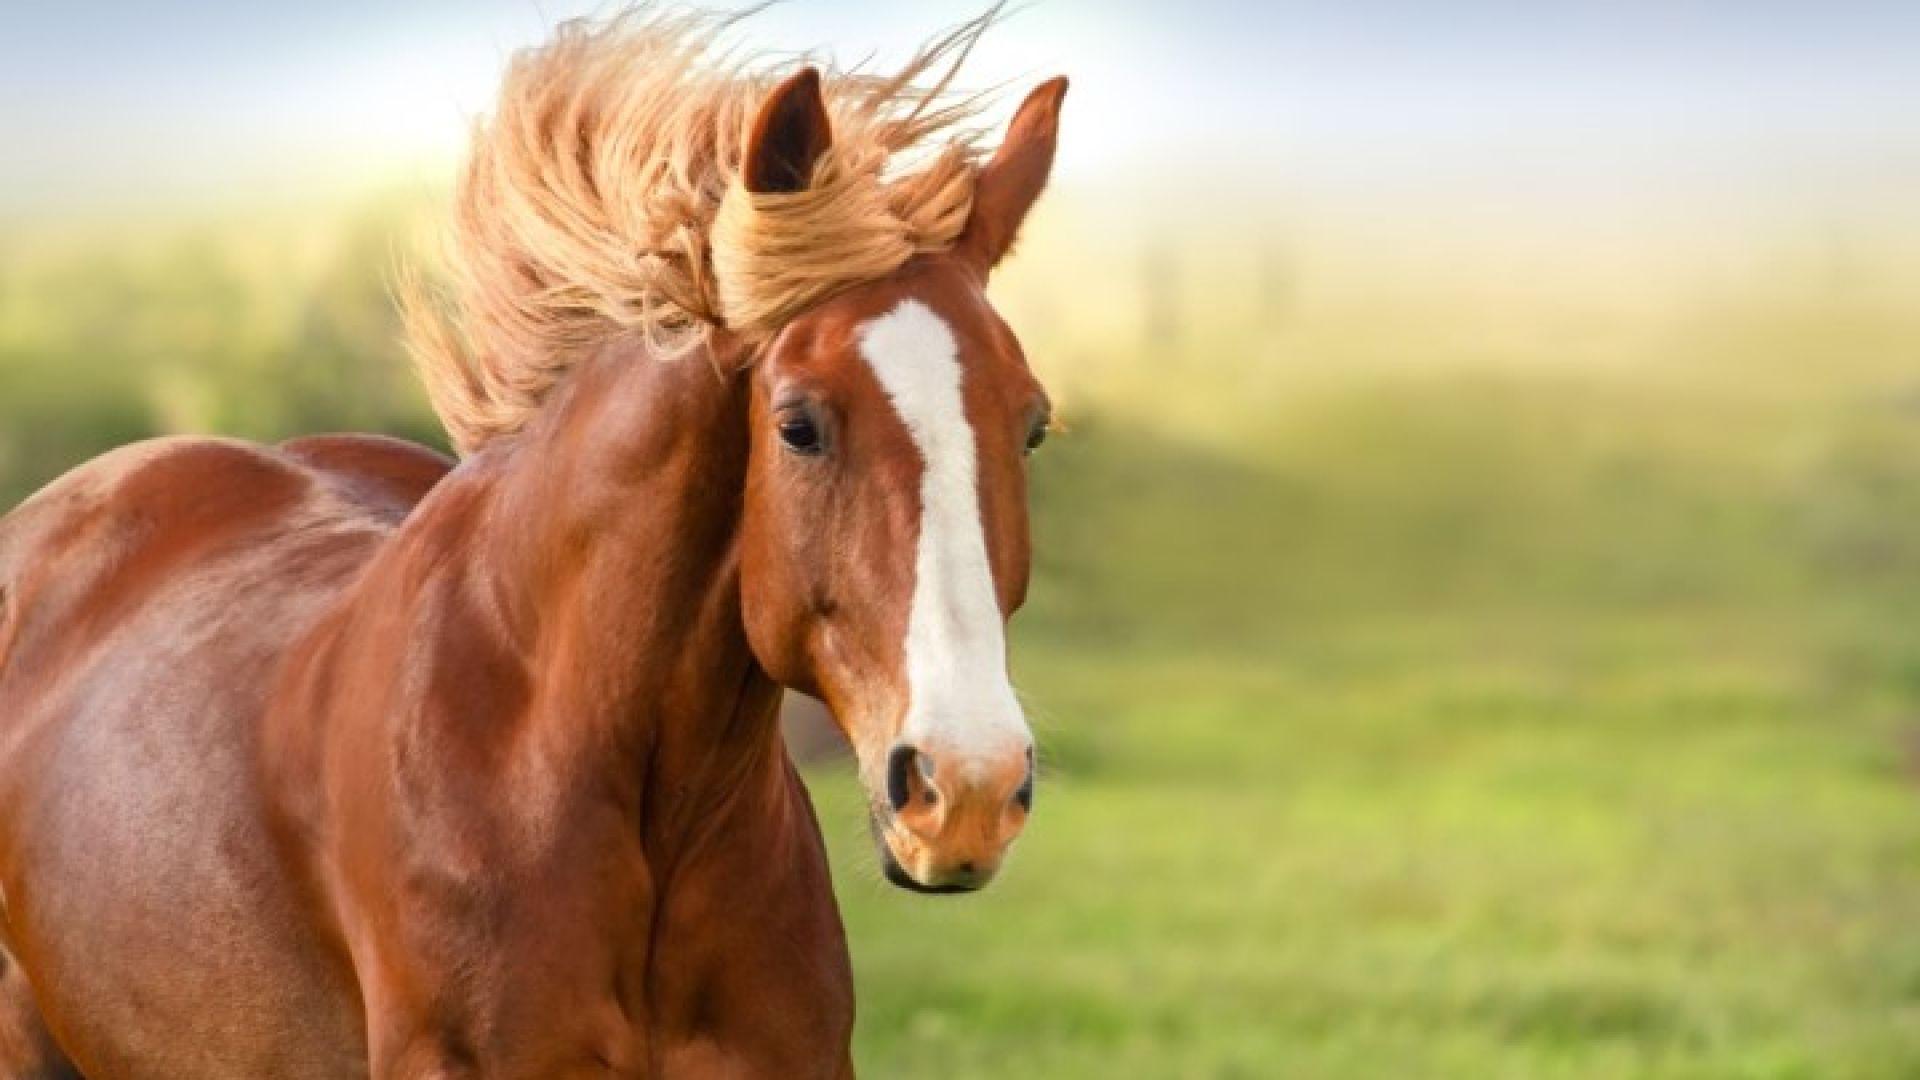 Простреляха 8 коня, две от животните починаха